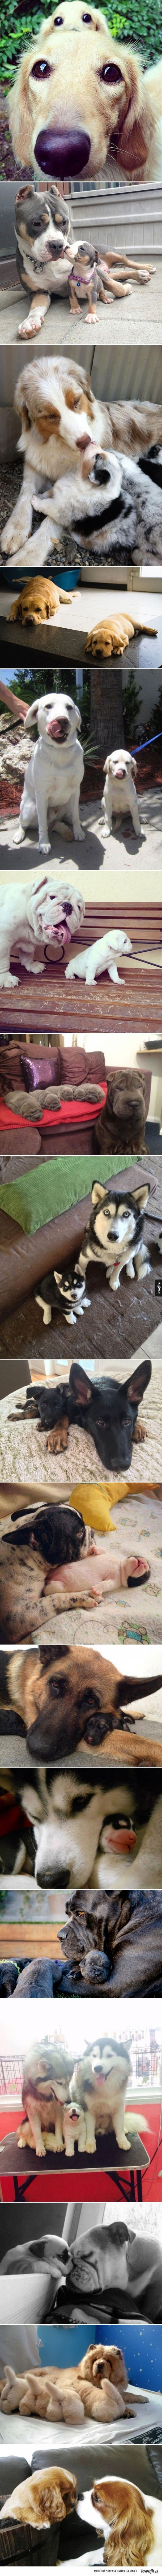 dorosłe psy i ich dzieci